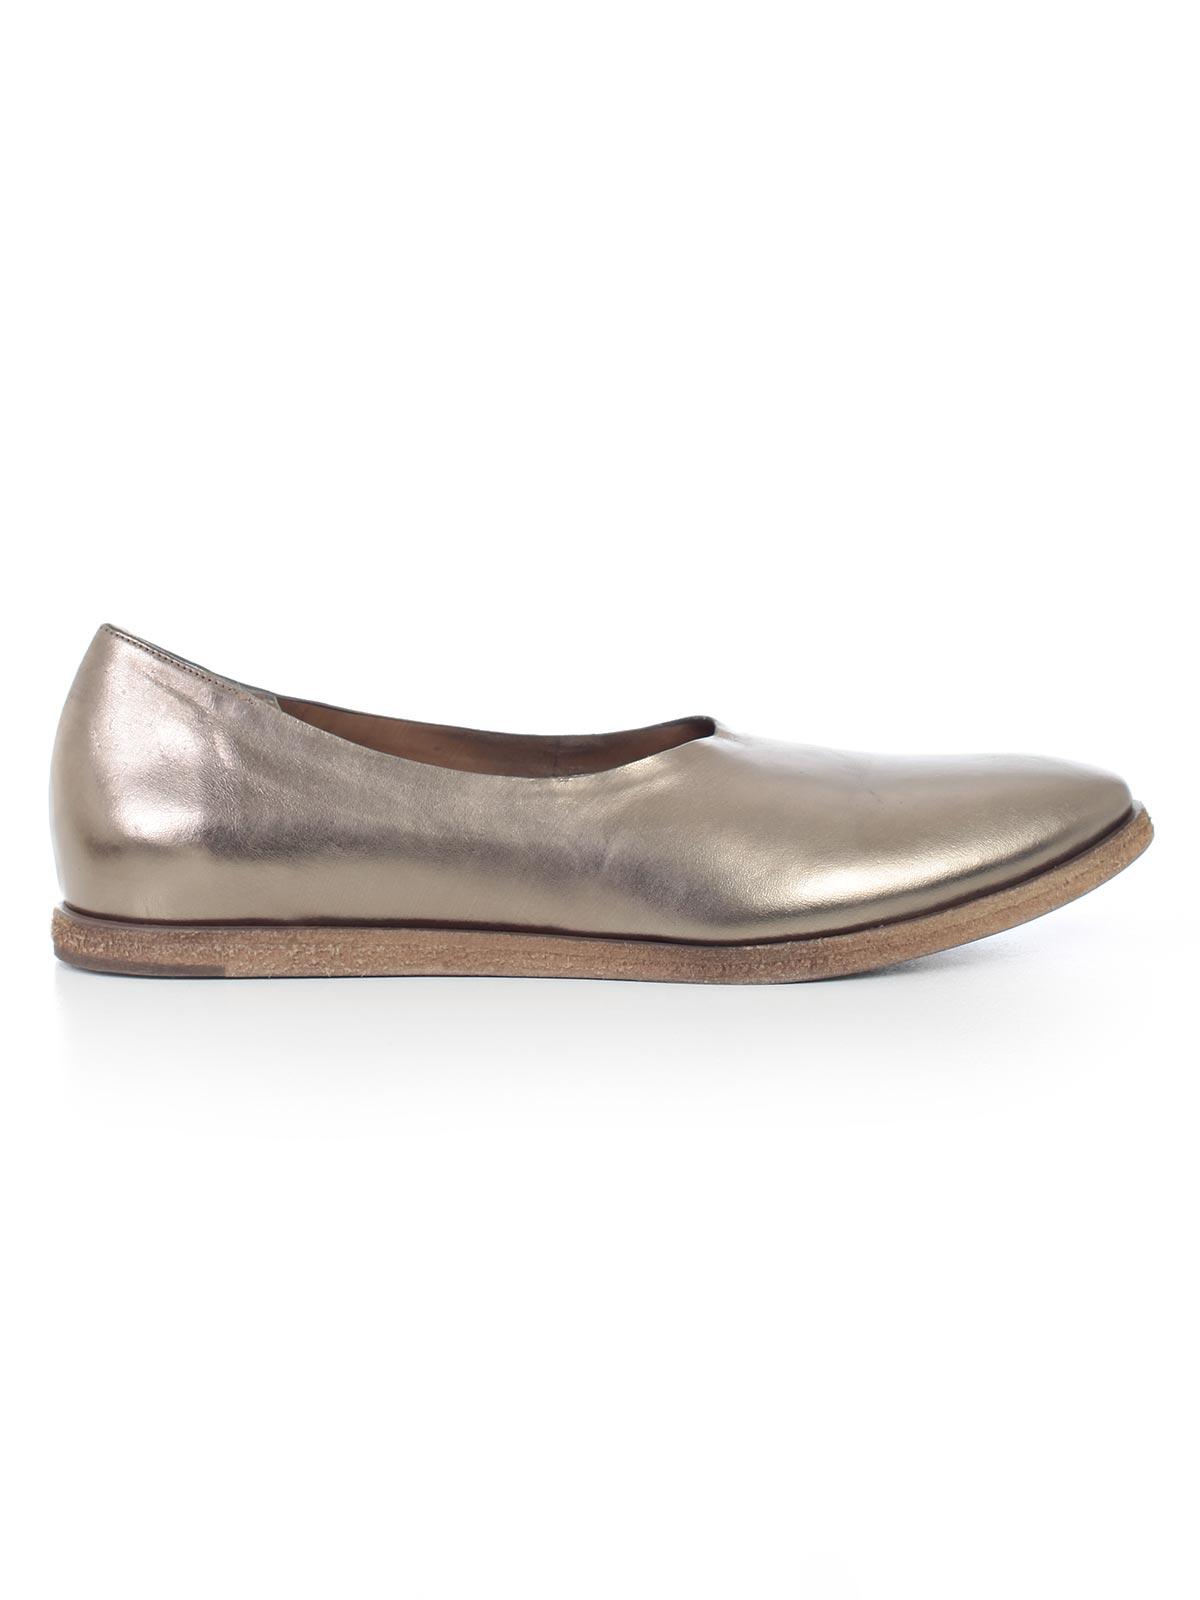 Picture of ROBERTO DEL CARLO Footwear